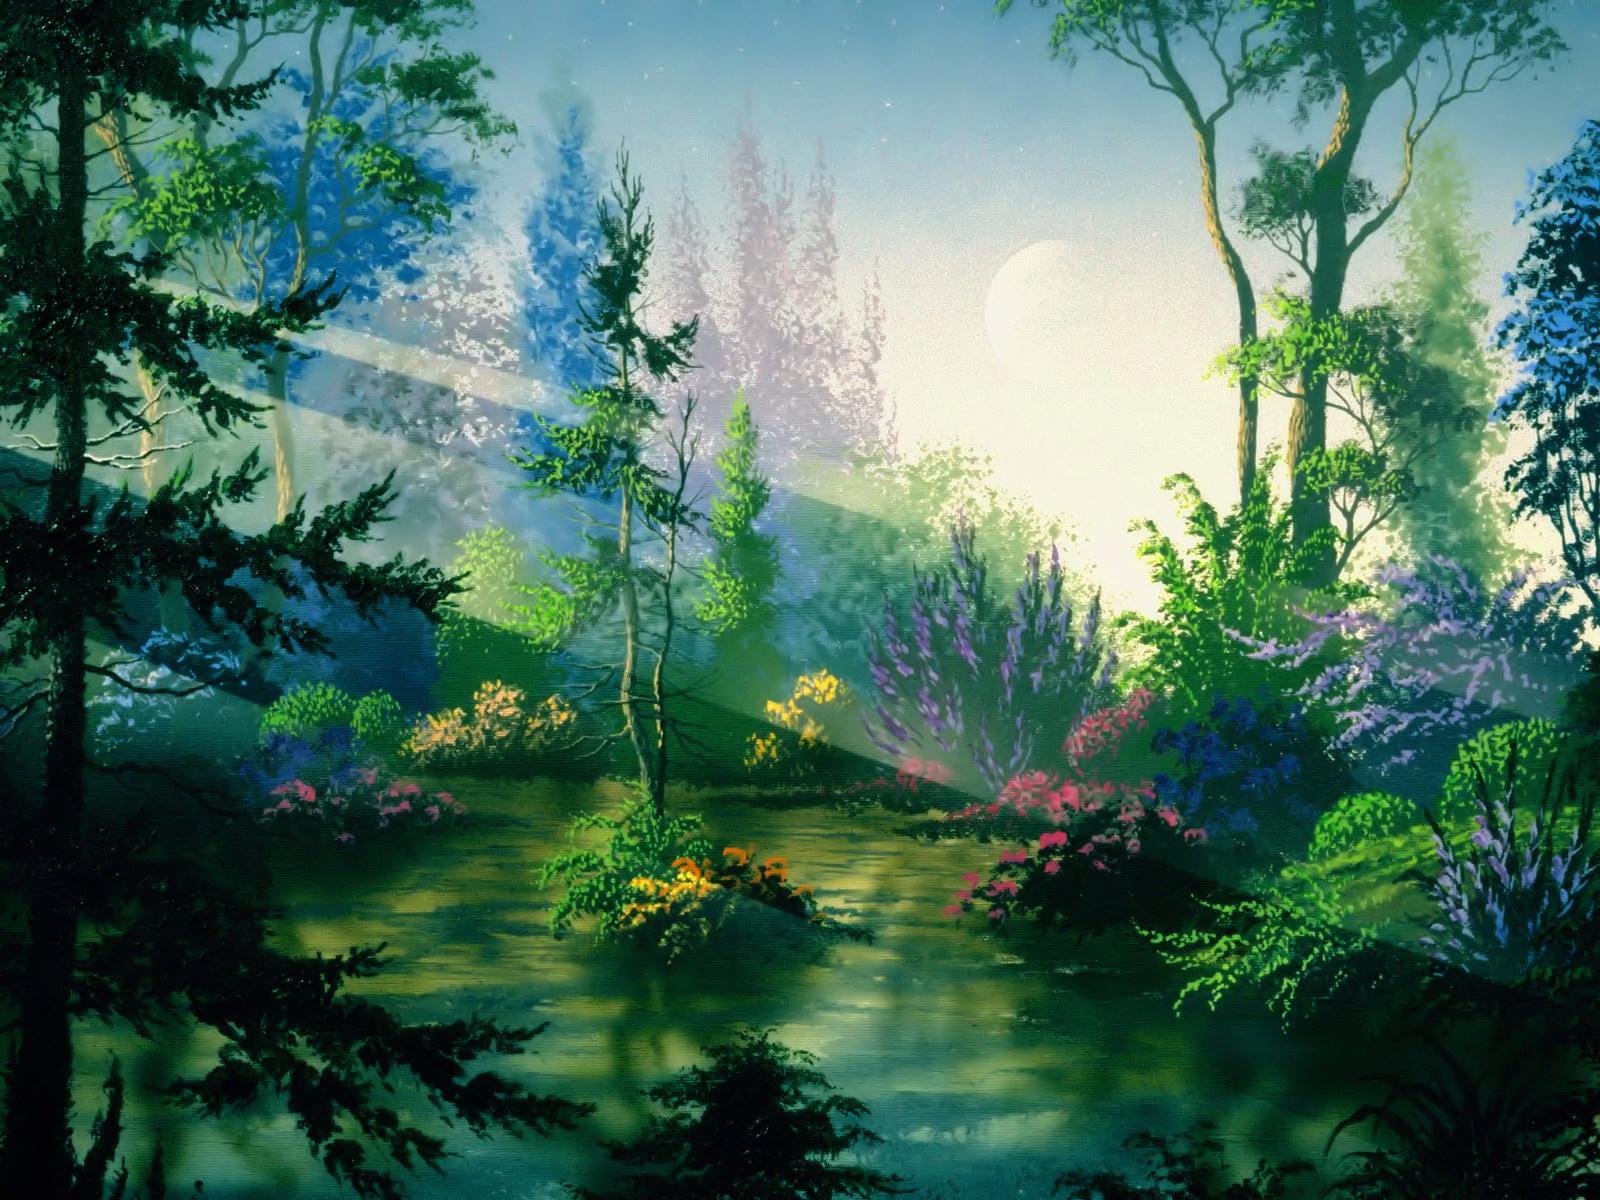 http://2.bp.blogspot.com/-EpSnW5t-qys/UEc_09c_6yI/AAAAAAAAAQE/d3wWE5aw8kk/s1600/Fantasy%2BPictures%2B8.jpg